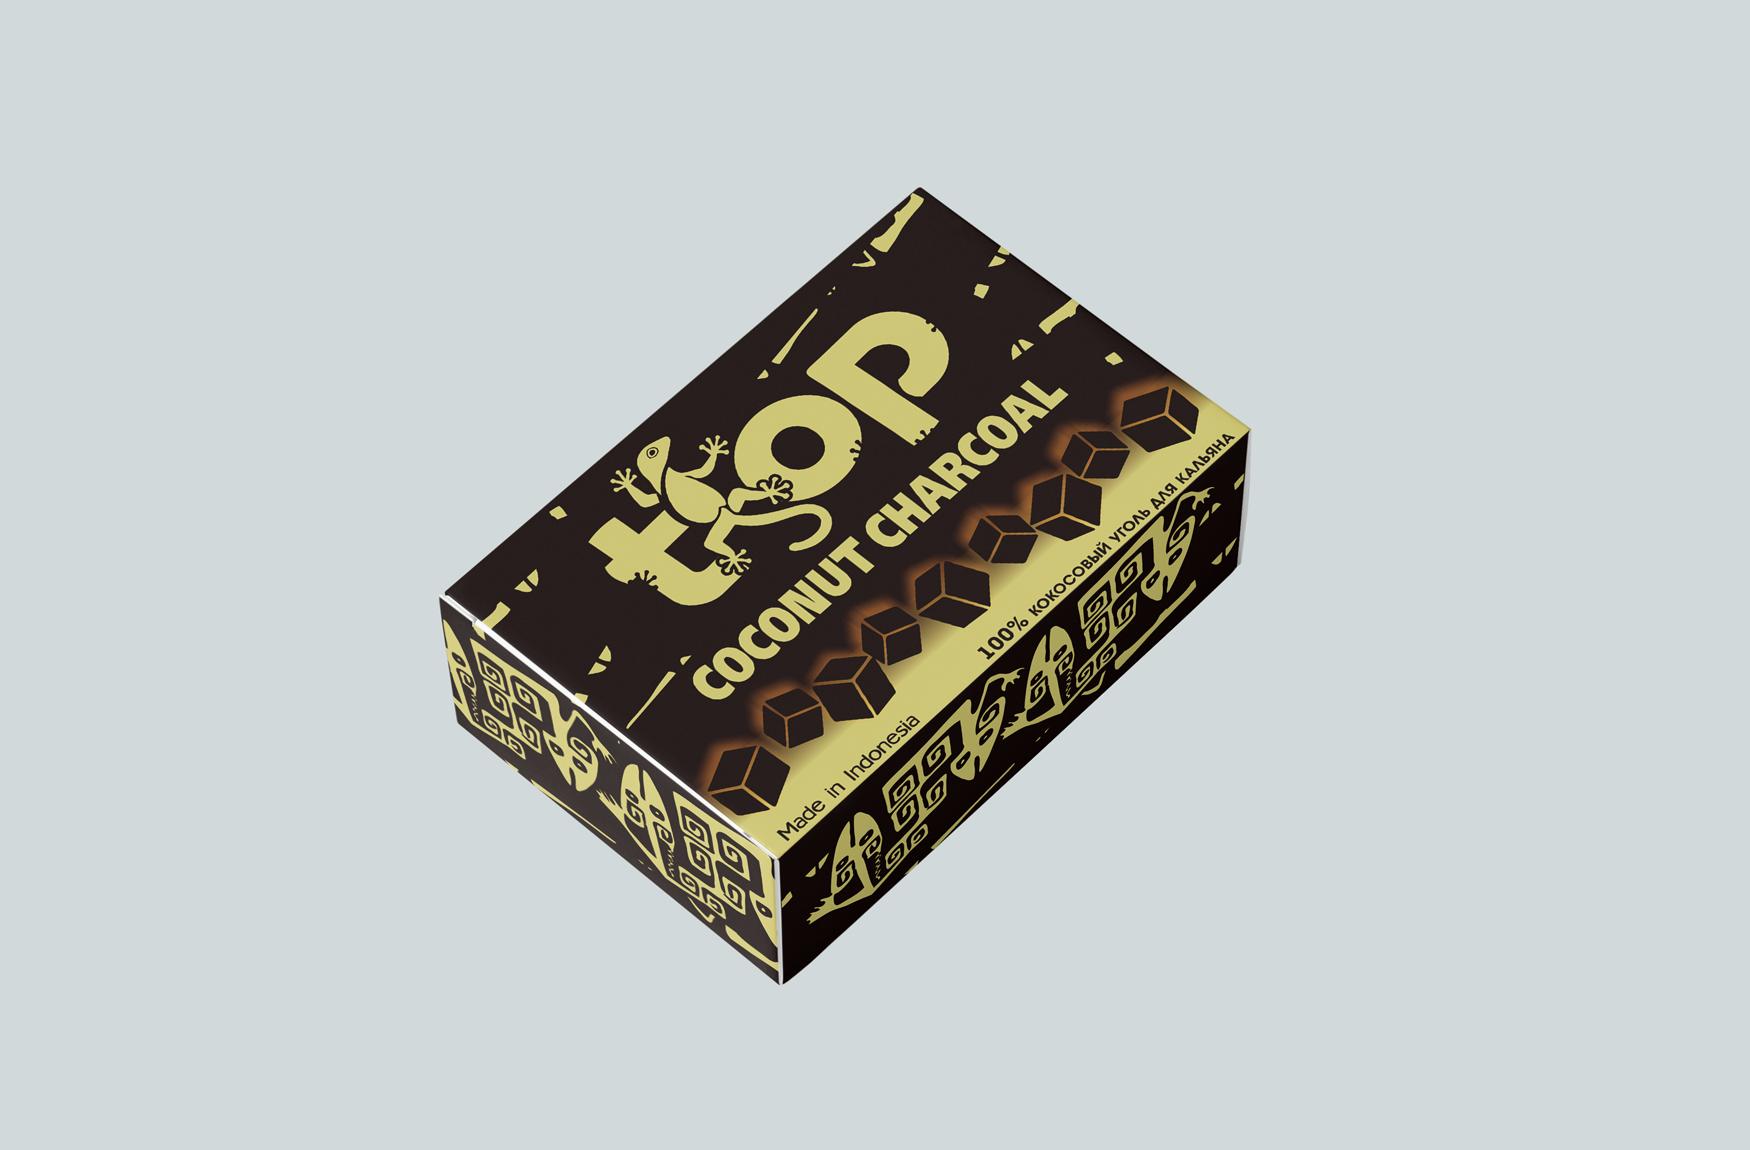 Разработка дизайна коробки, фирменного стиля, логотипа. фото f_7875c657932b8378.png